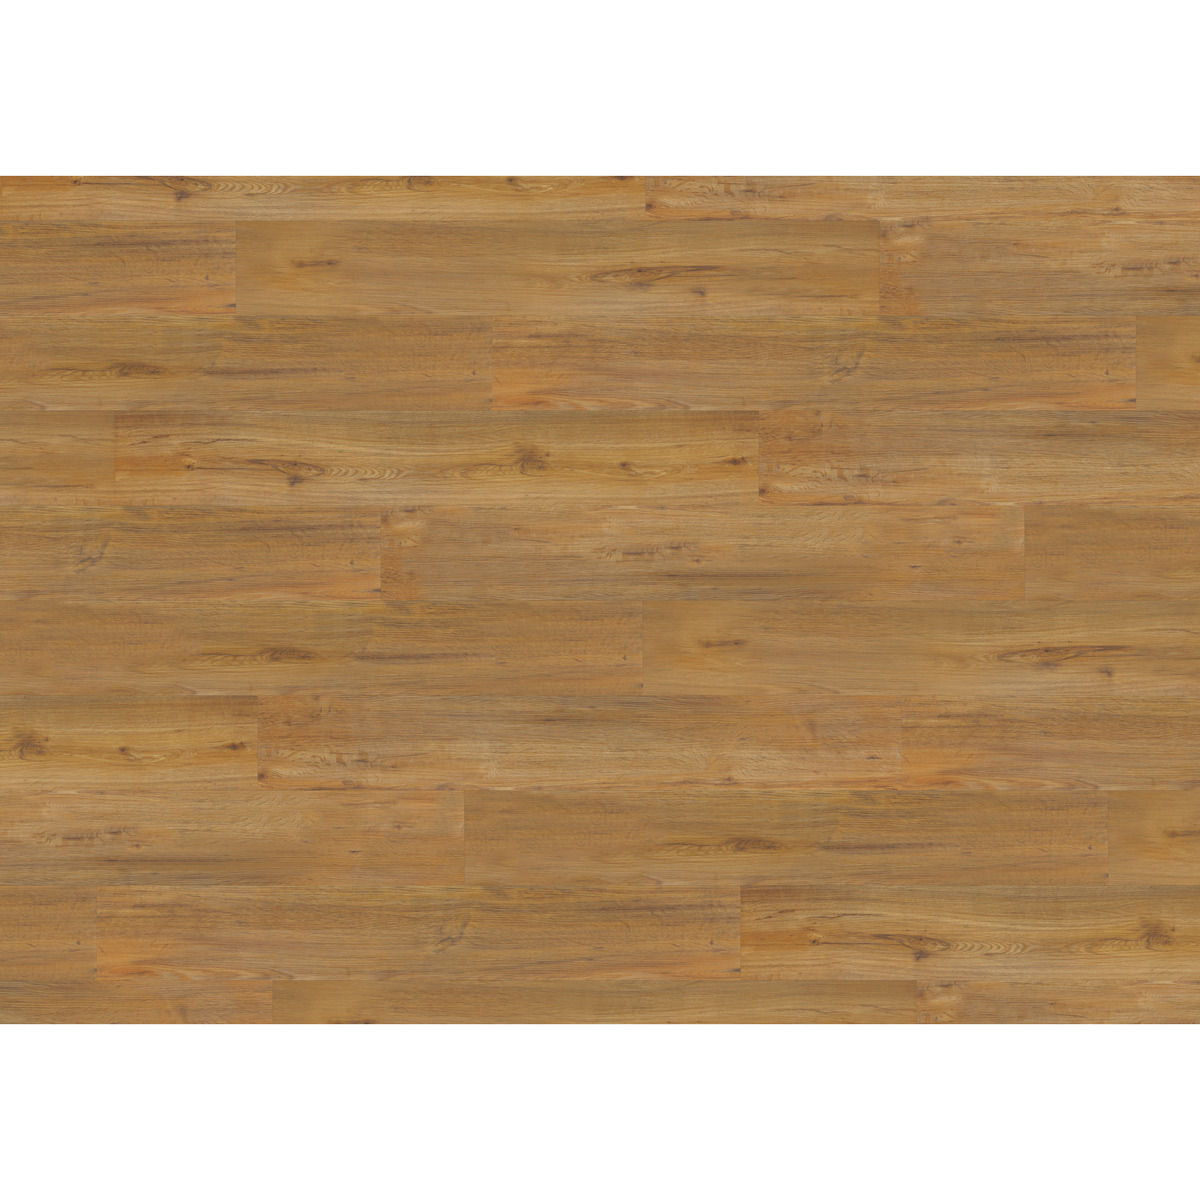 Bild 1 von D-c-floor Vinylboden 'Rigid' Golden Oak 4 mm